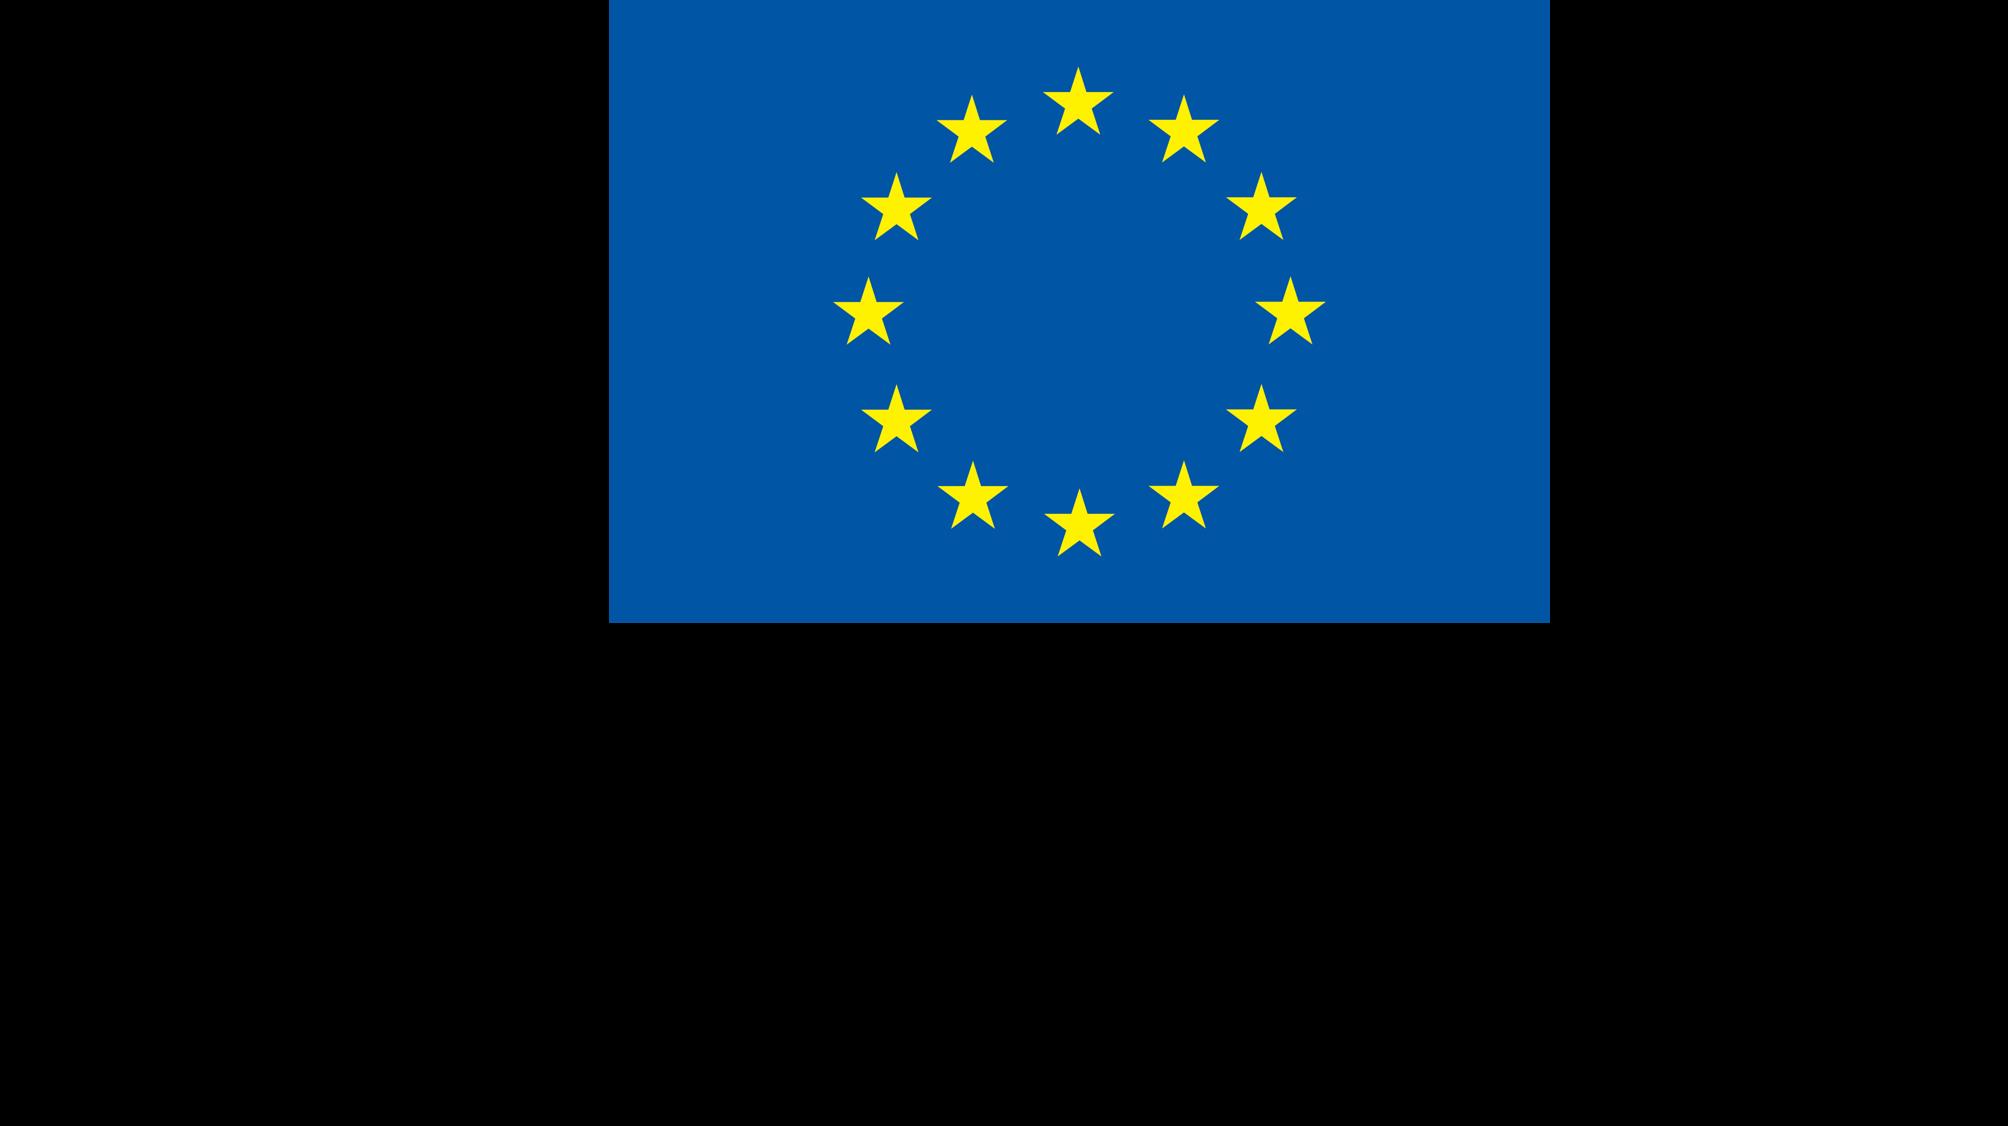 Planet_EU emblem.png